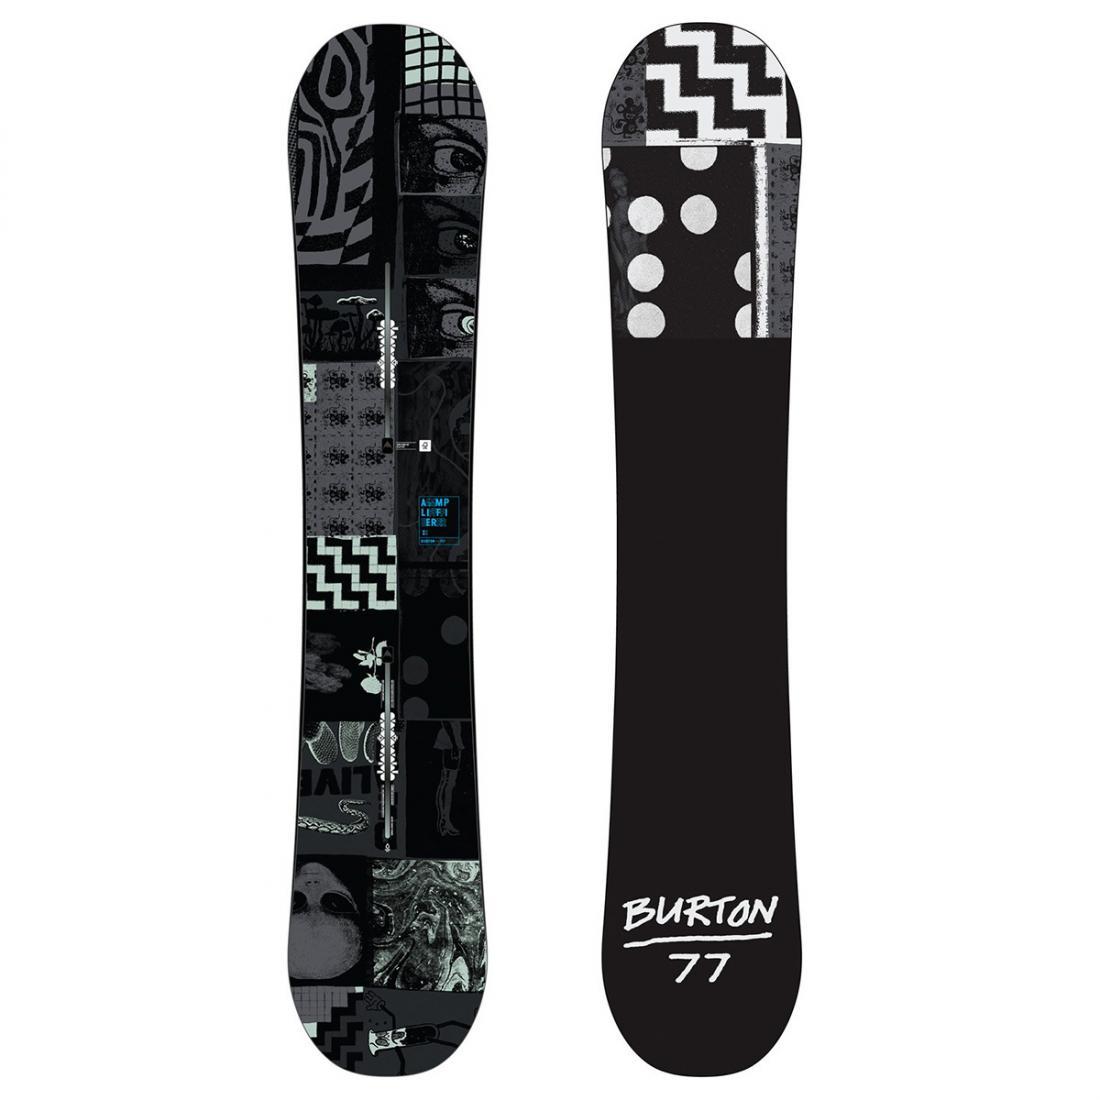 Сноуборд Burton Amplifier купить в Boardshop №1